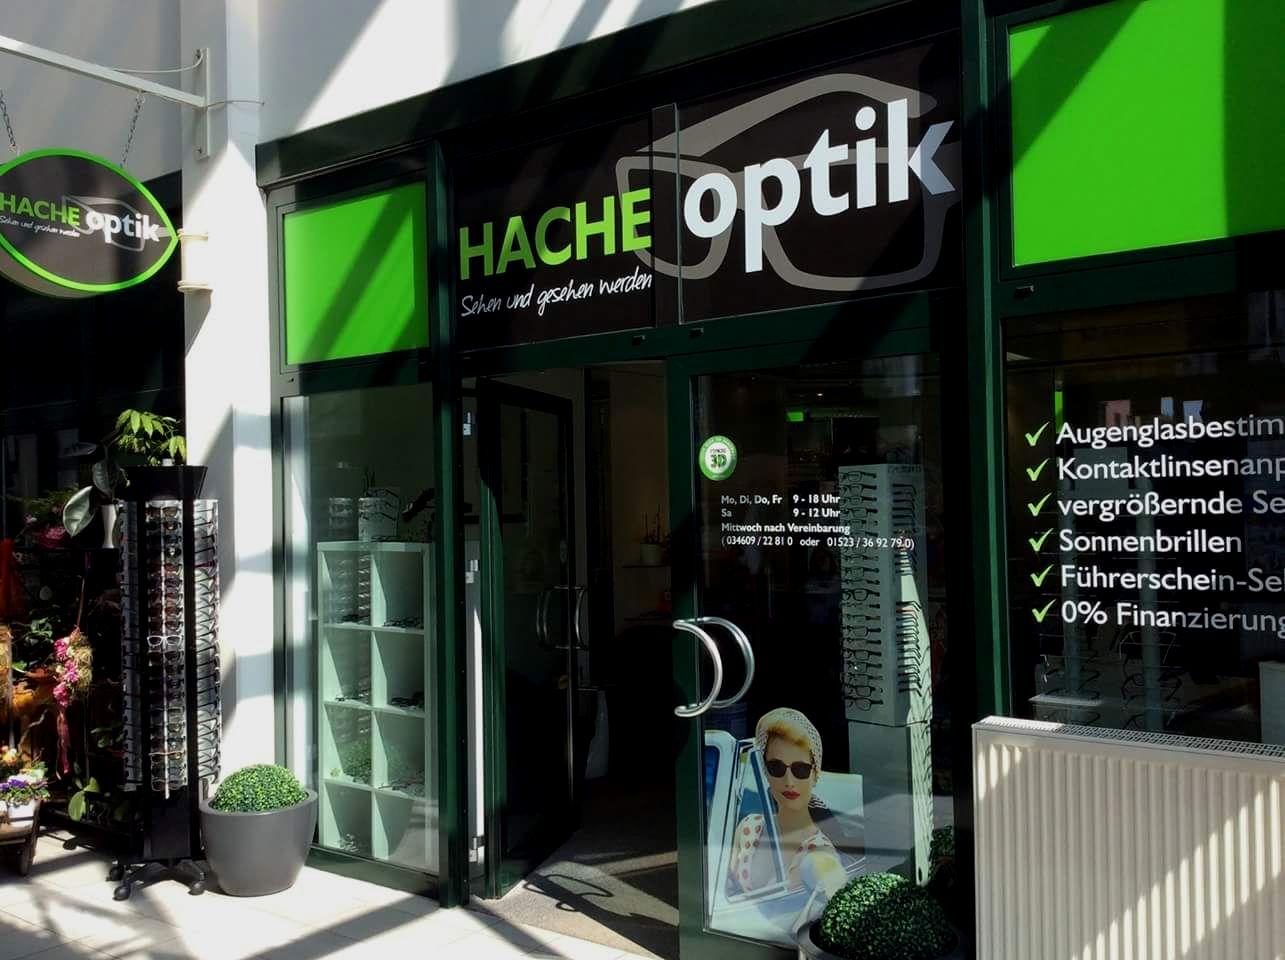 HacheOptik